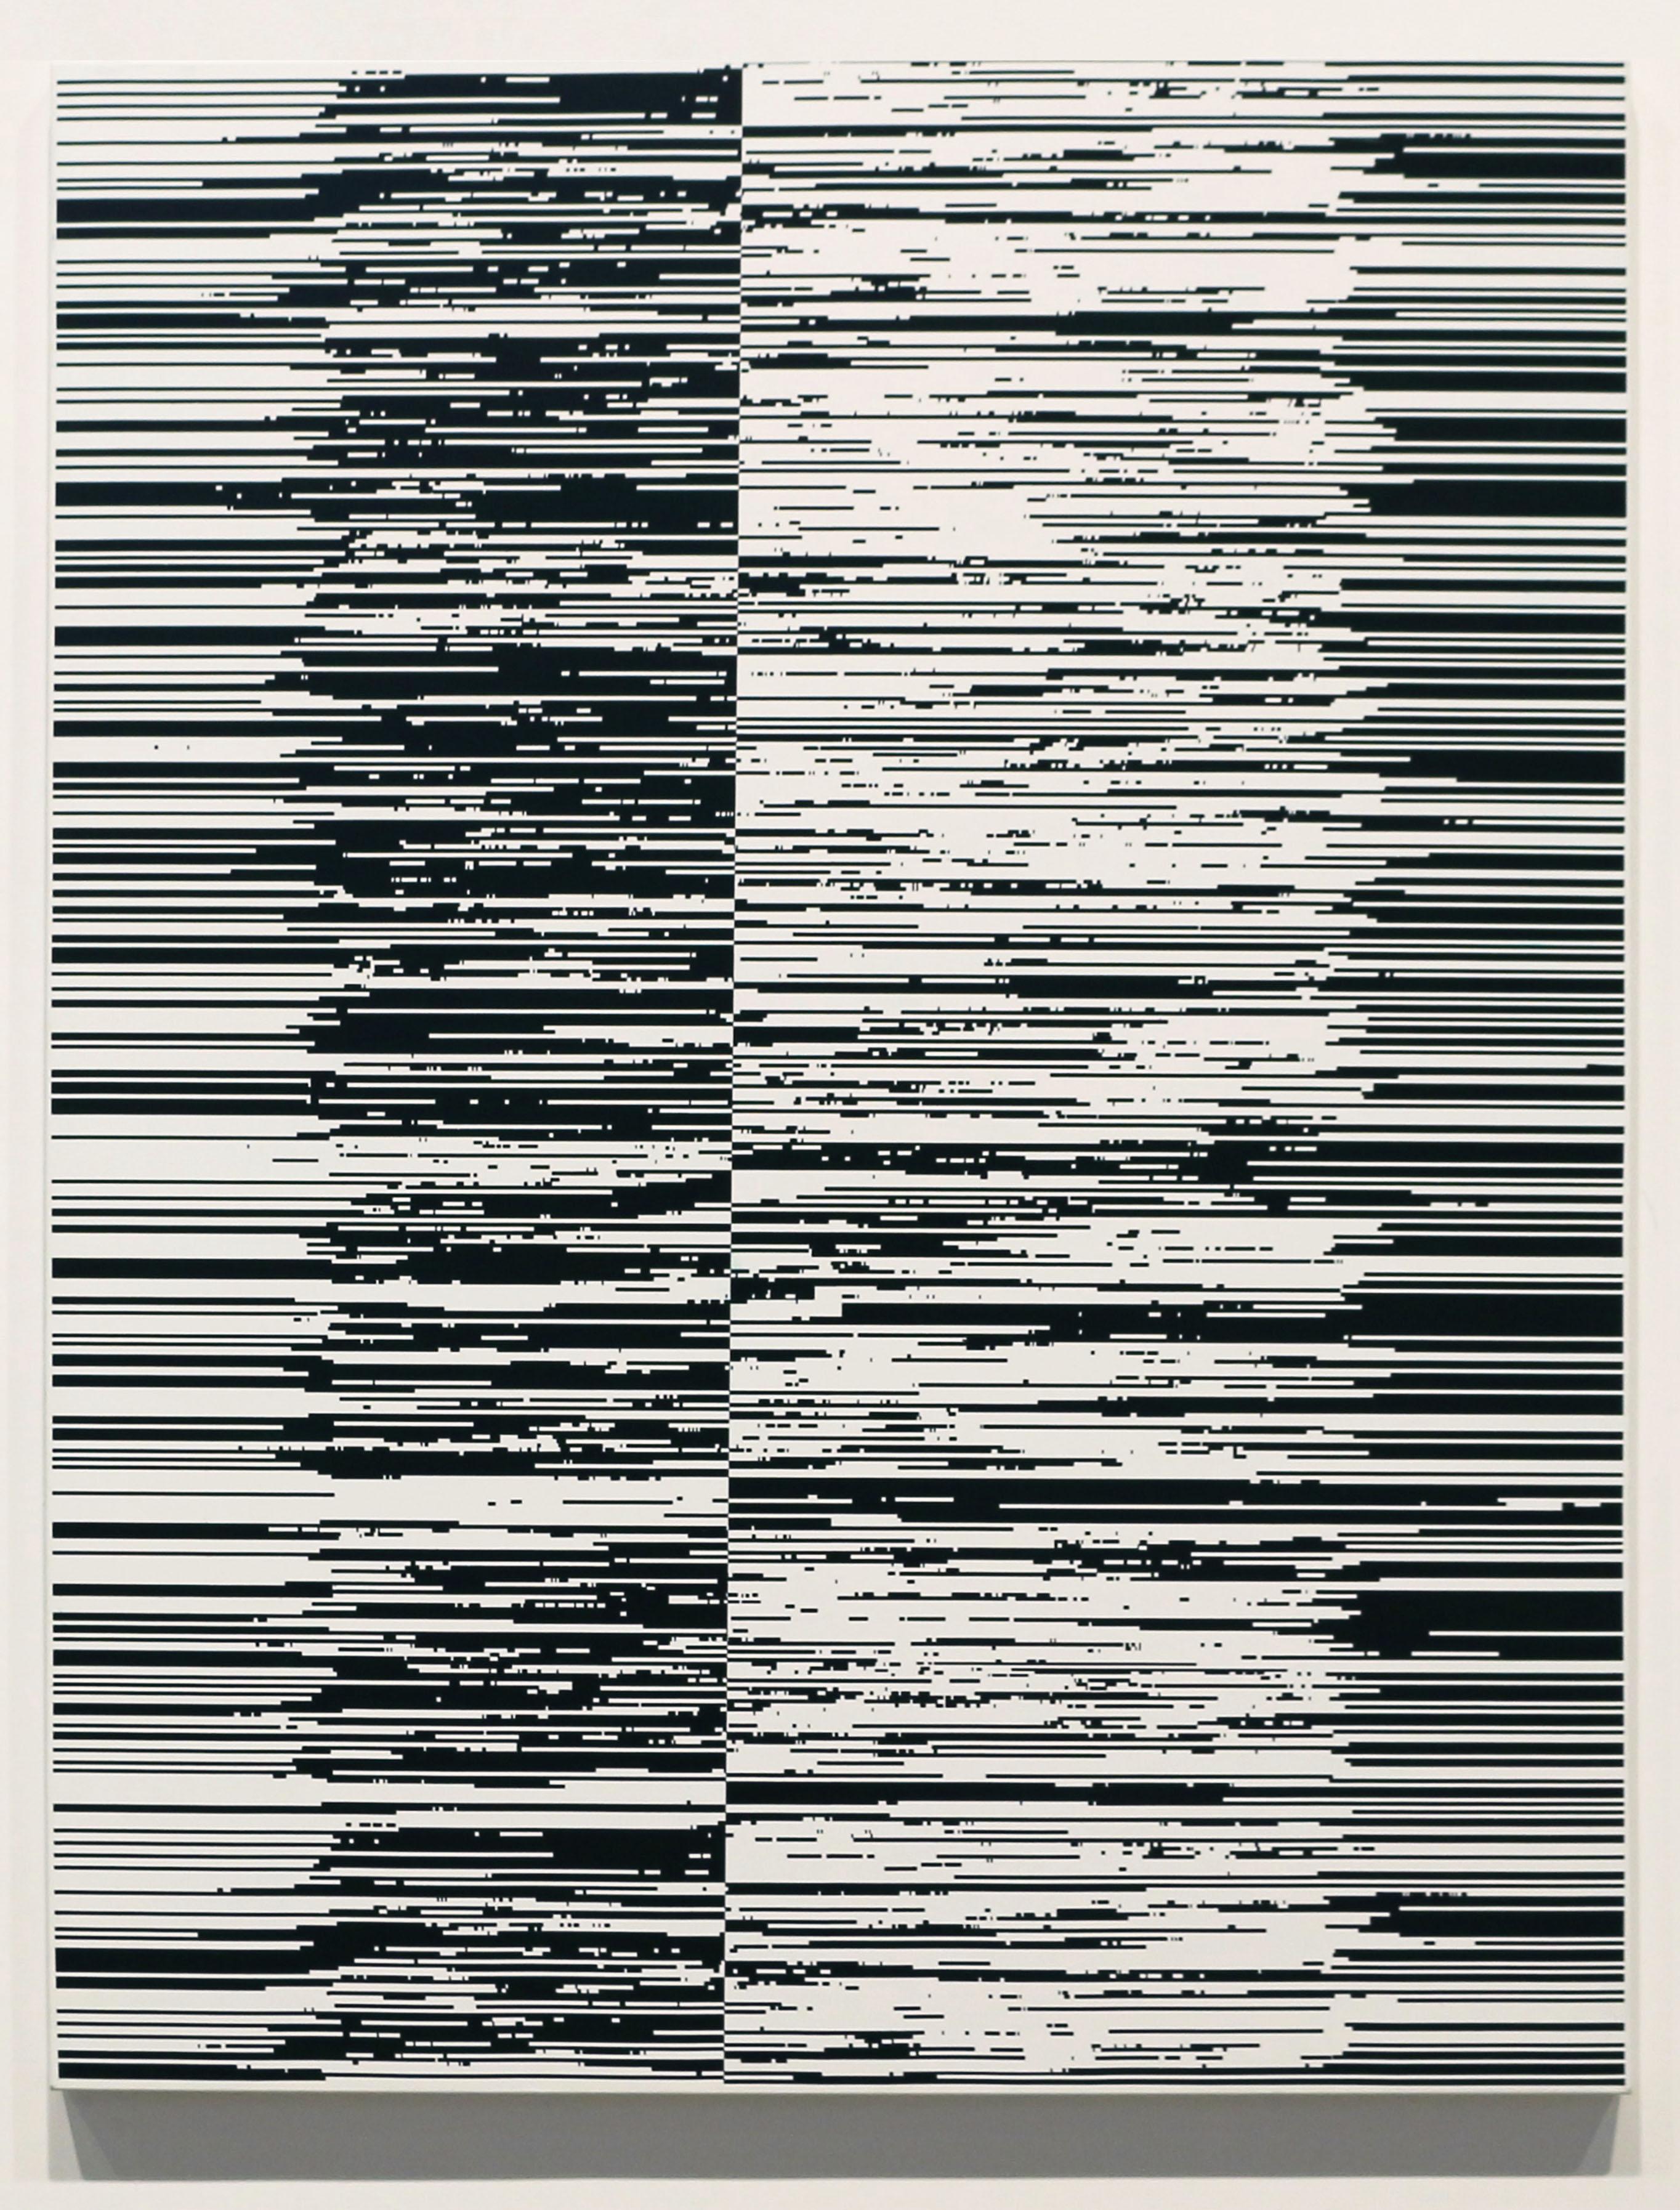 J. PARK_2016 Maze-20165126_Acrylic on canvas_116.8x91cm